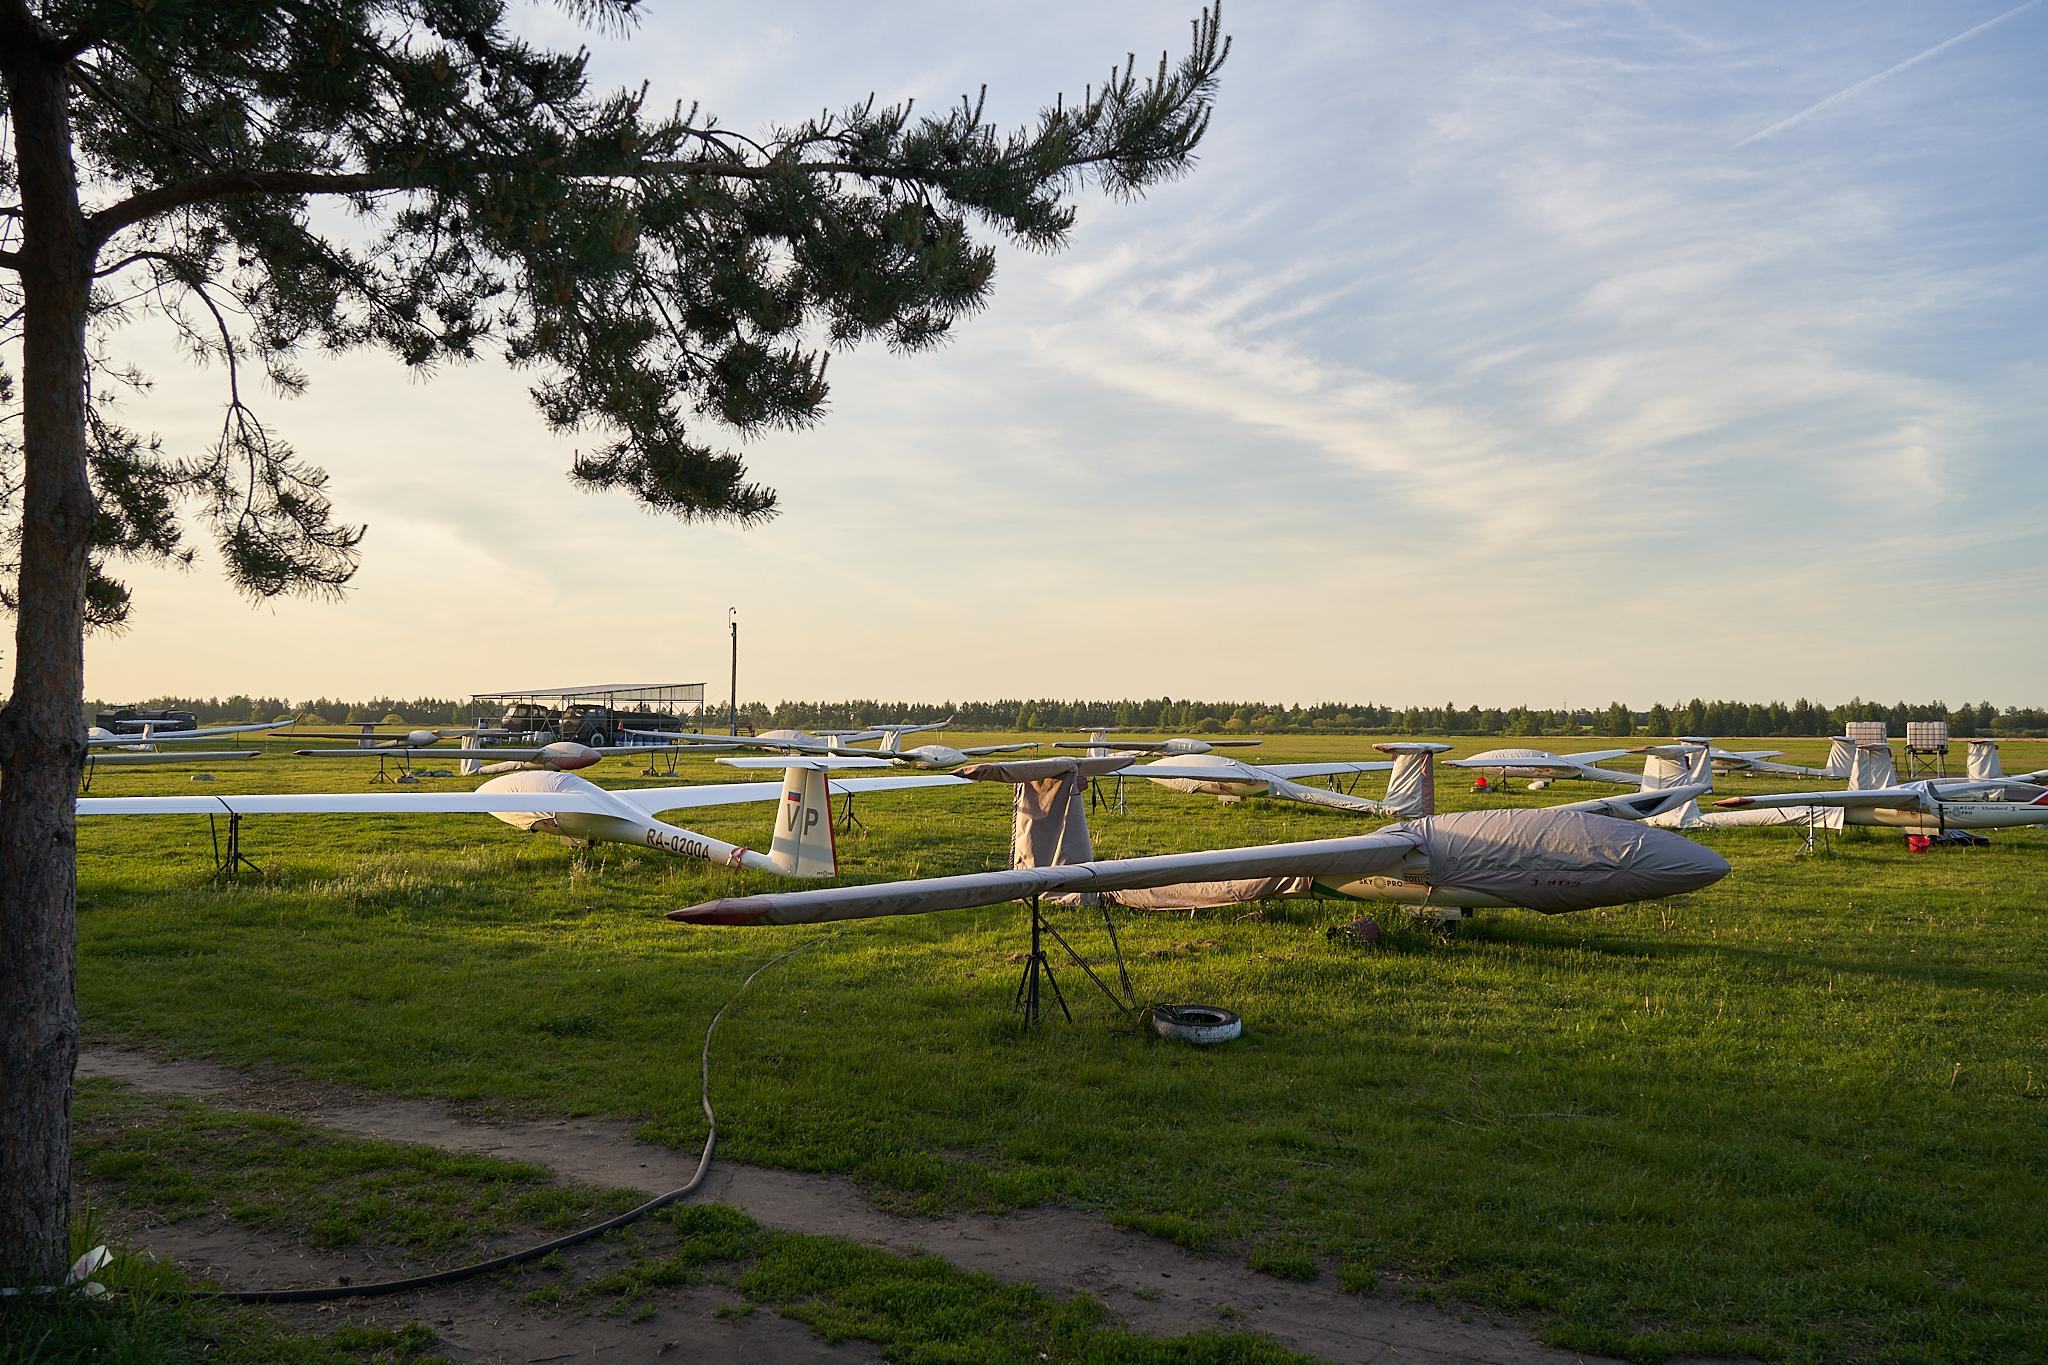 Aerobatics competition in Usman, p.2 - Пилотажные соревнования в Усмани, ч.2